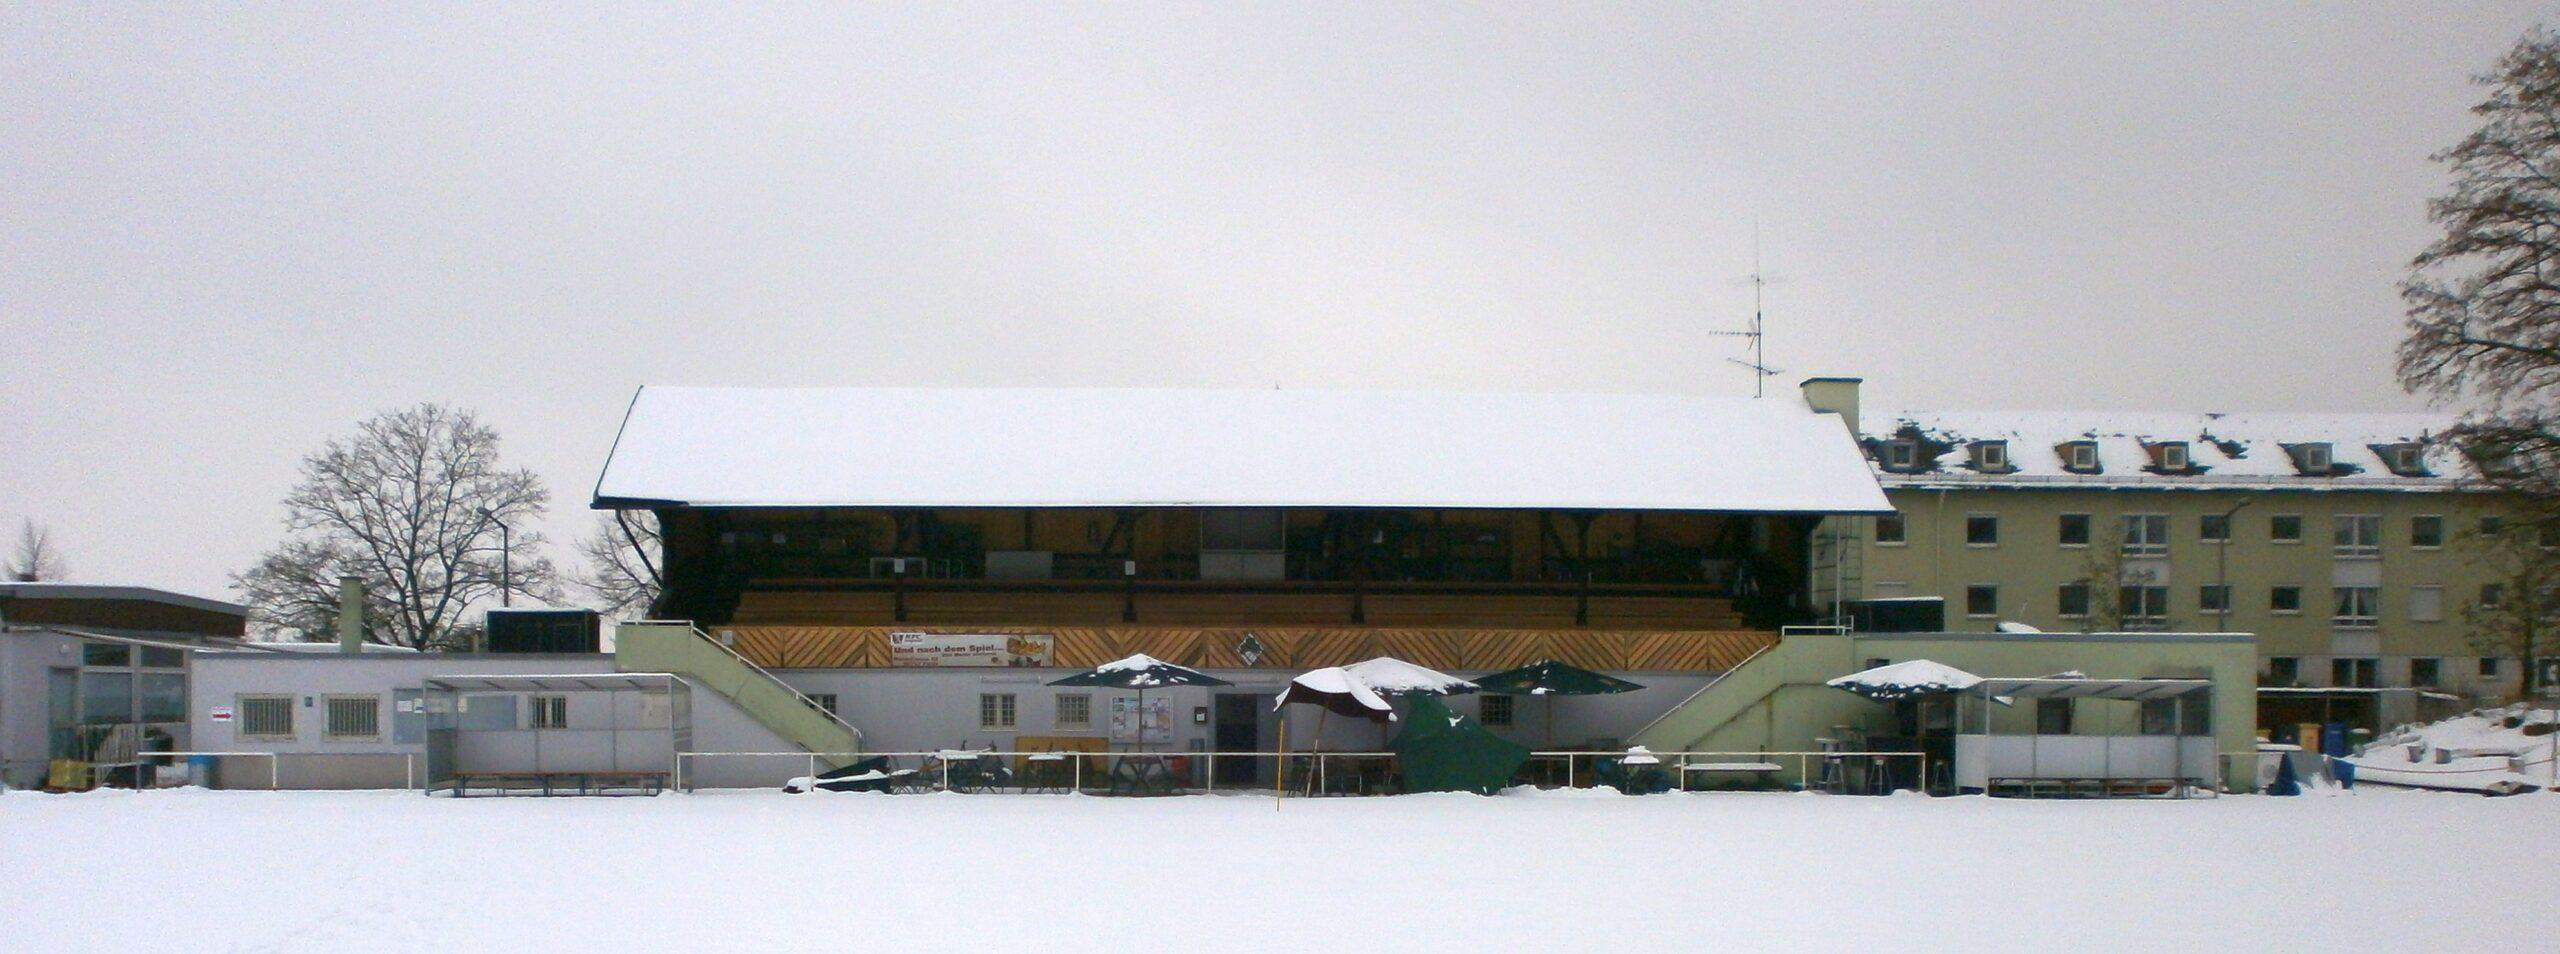 Das Stadion an der Magazinstraße in Fürth